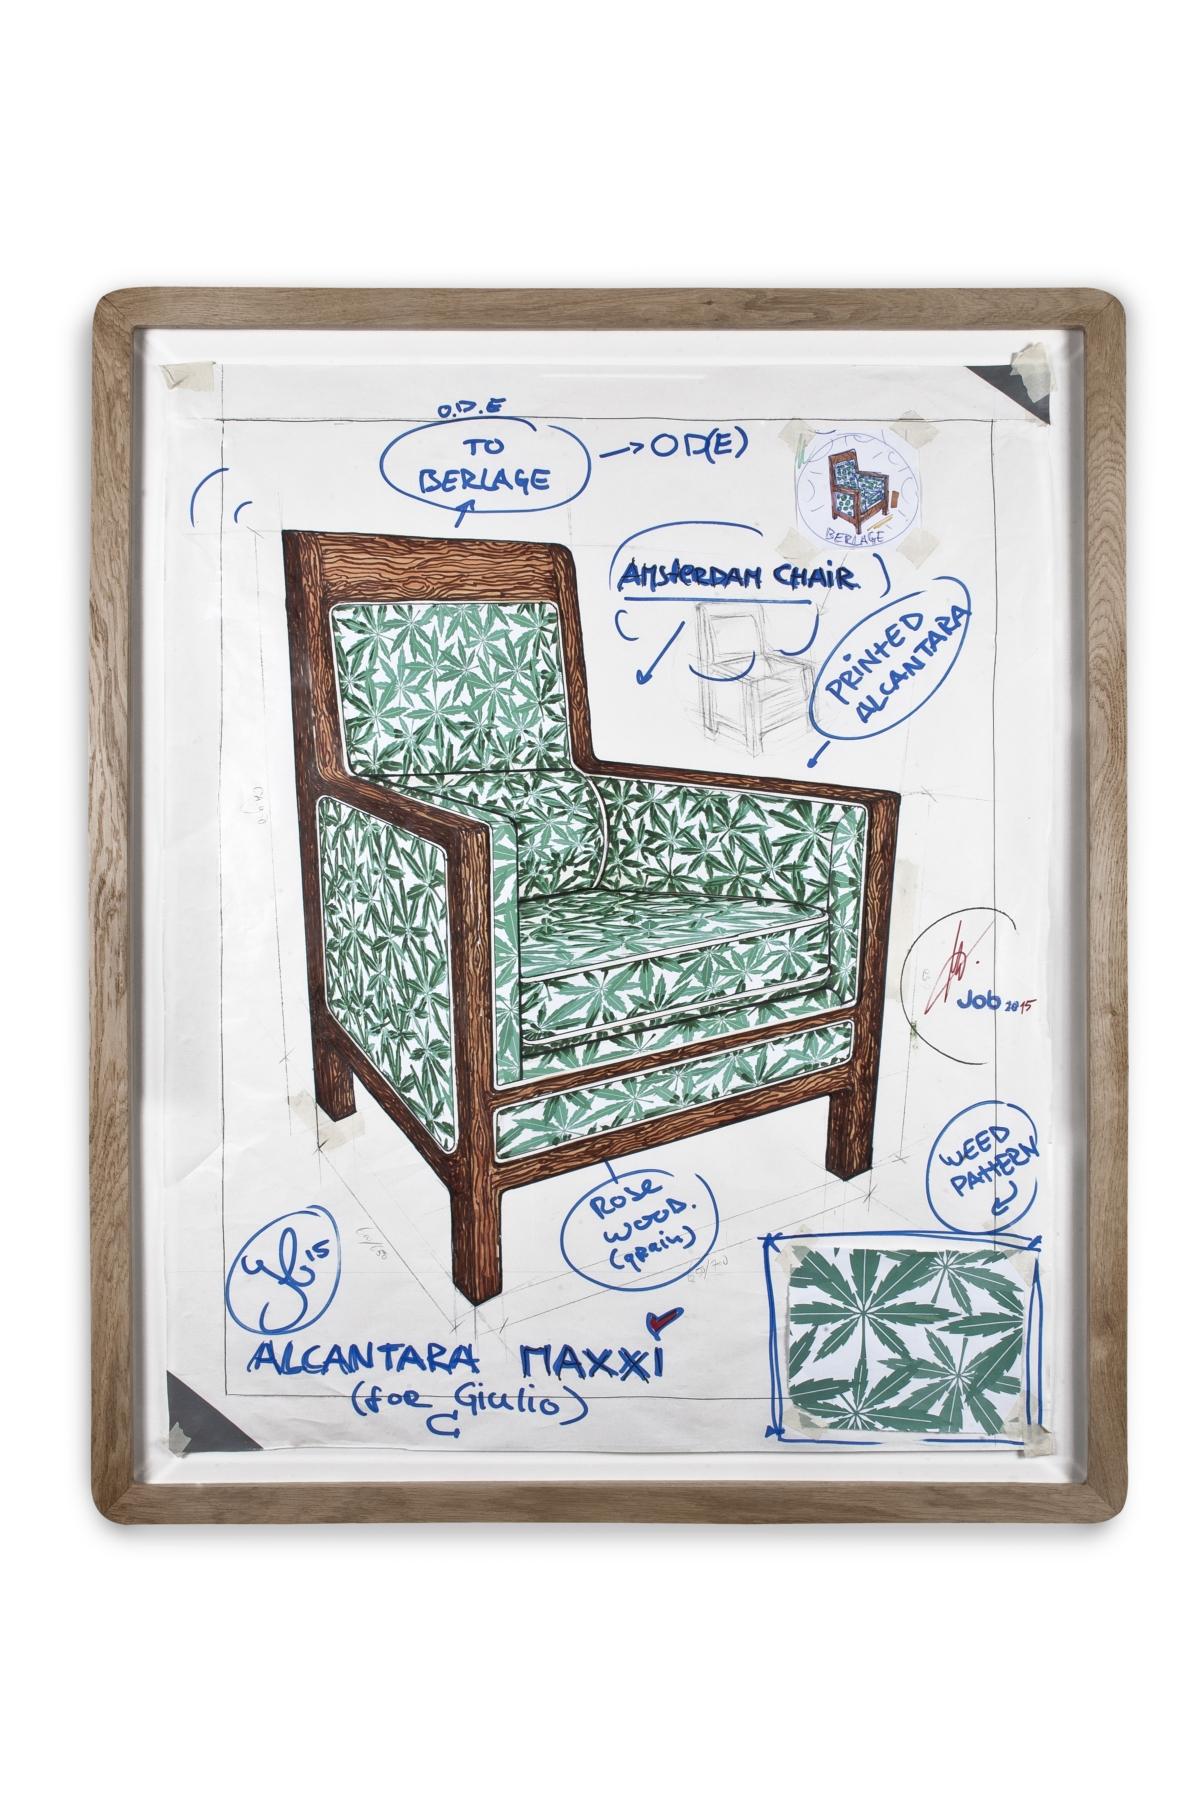 Local Icons. Progetto Alcantara-MAXXI Job Amsterdam Chair